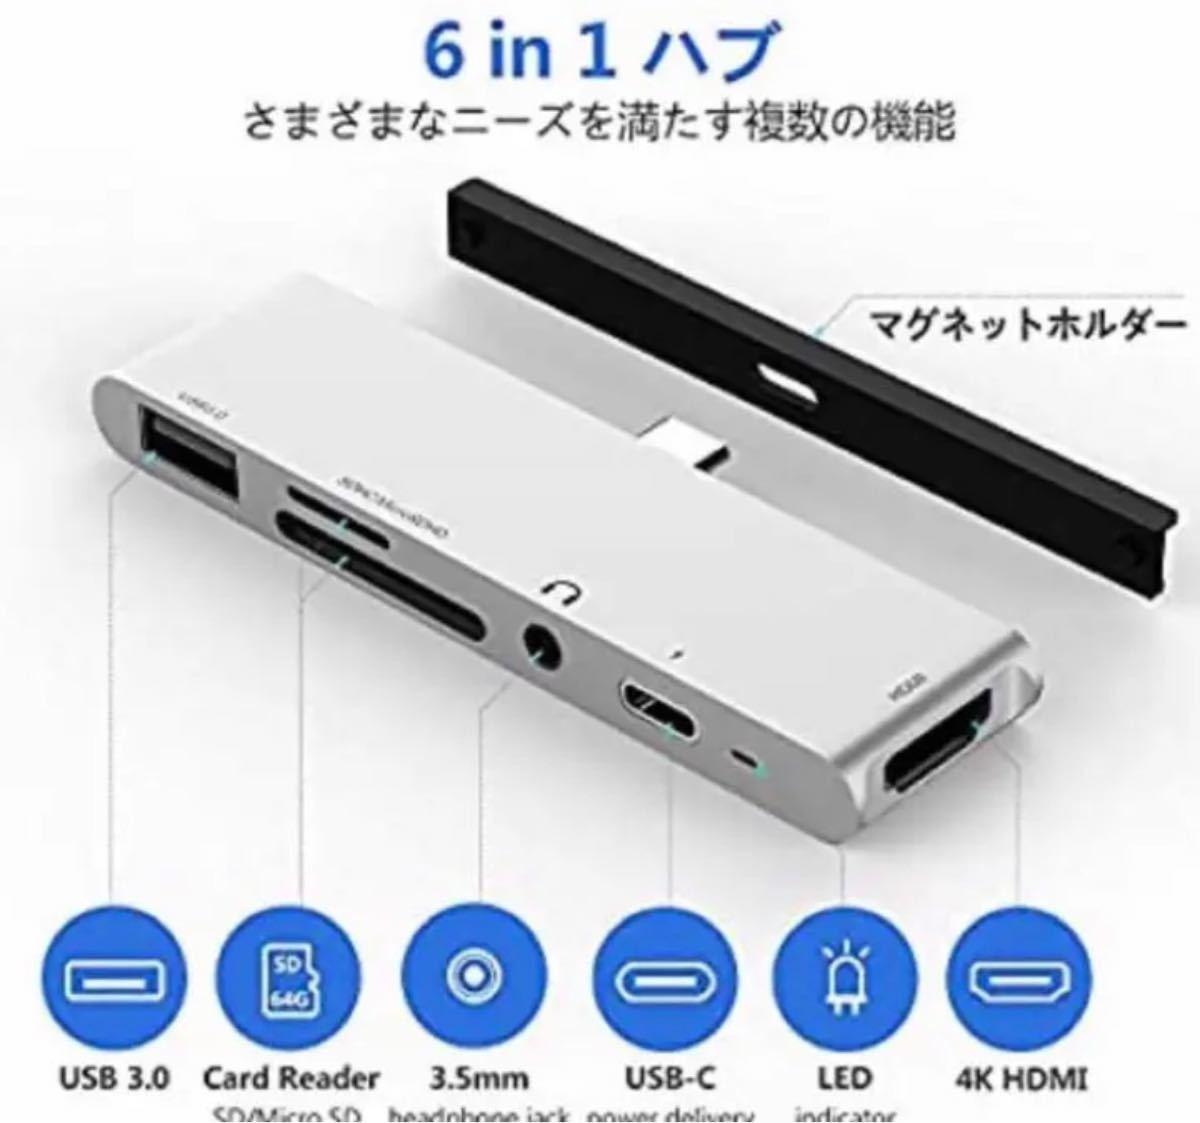 新品 令和 USB Type C ハブ USB C ハブ USB3.0